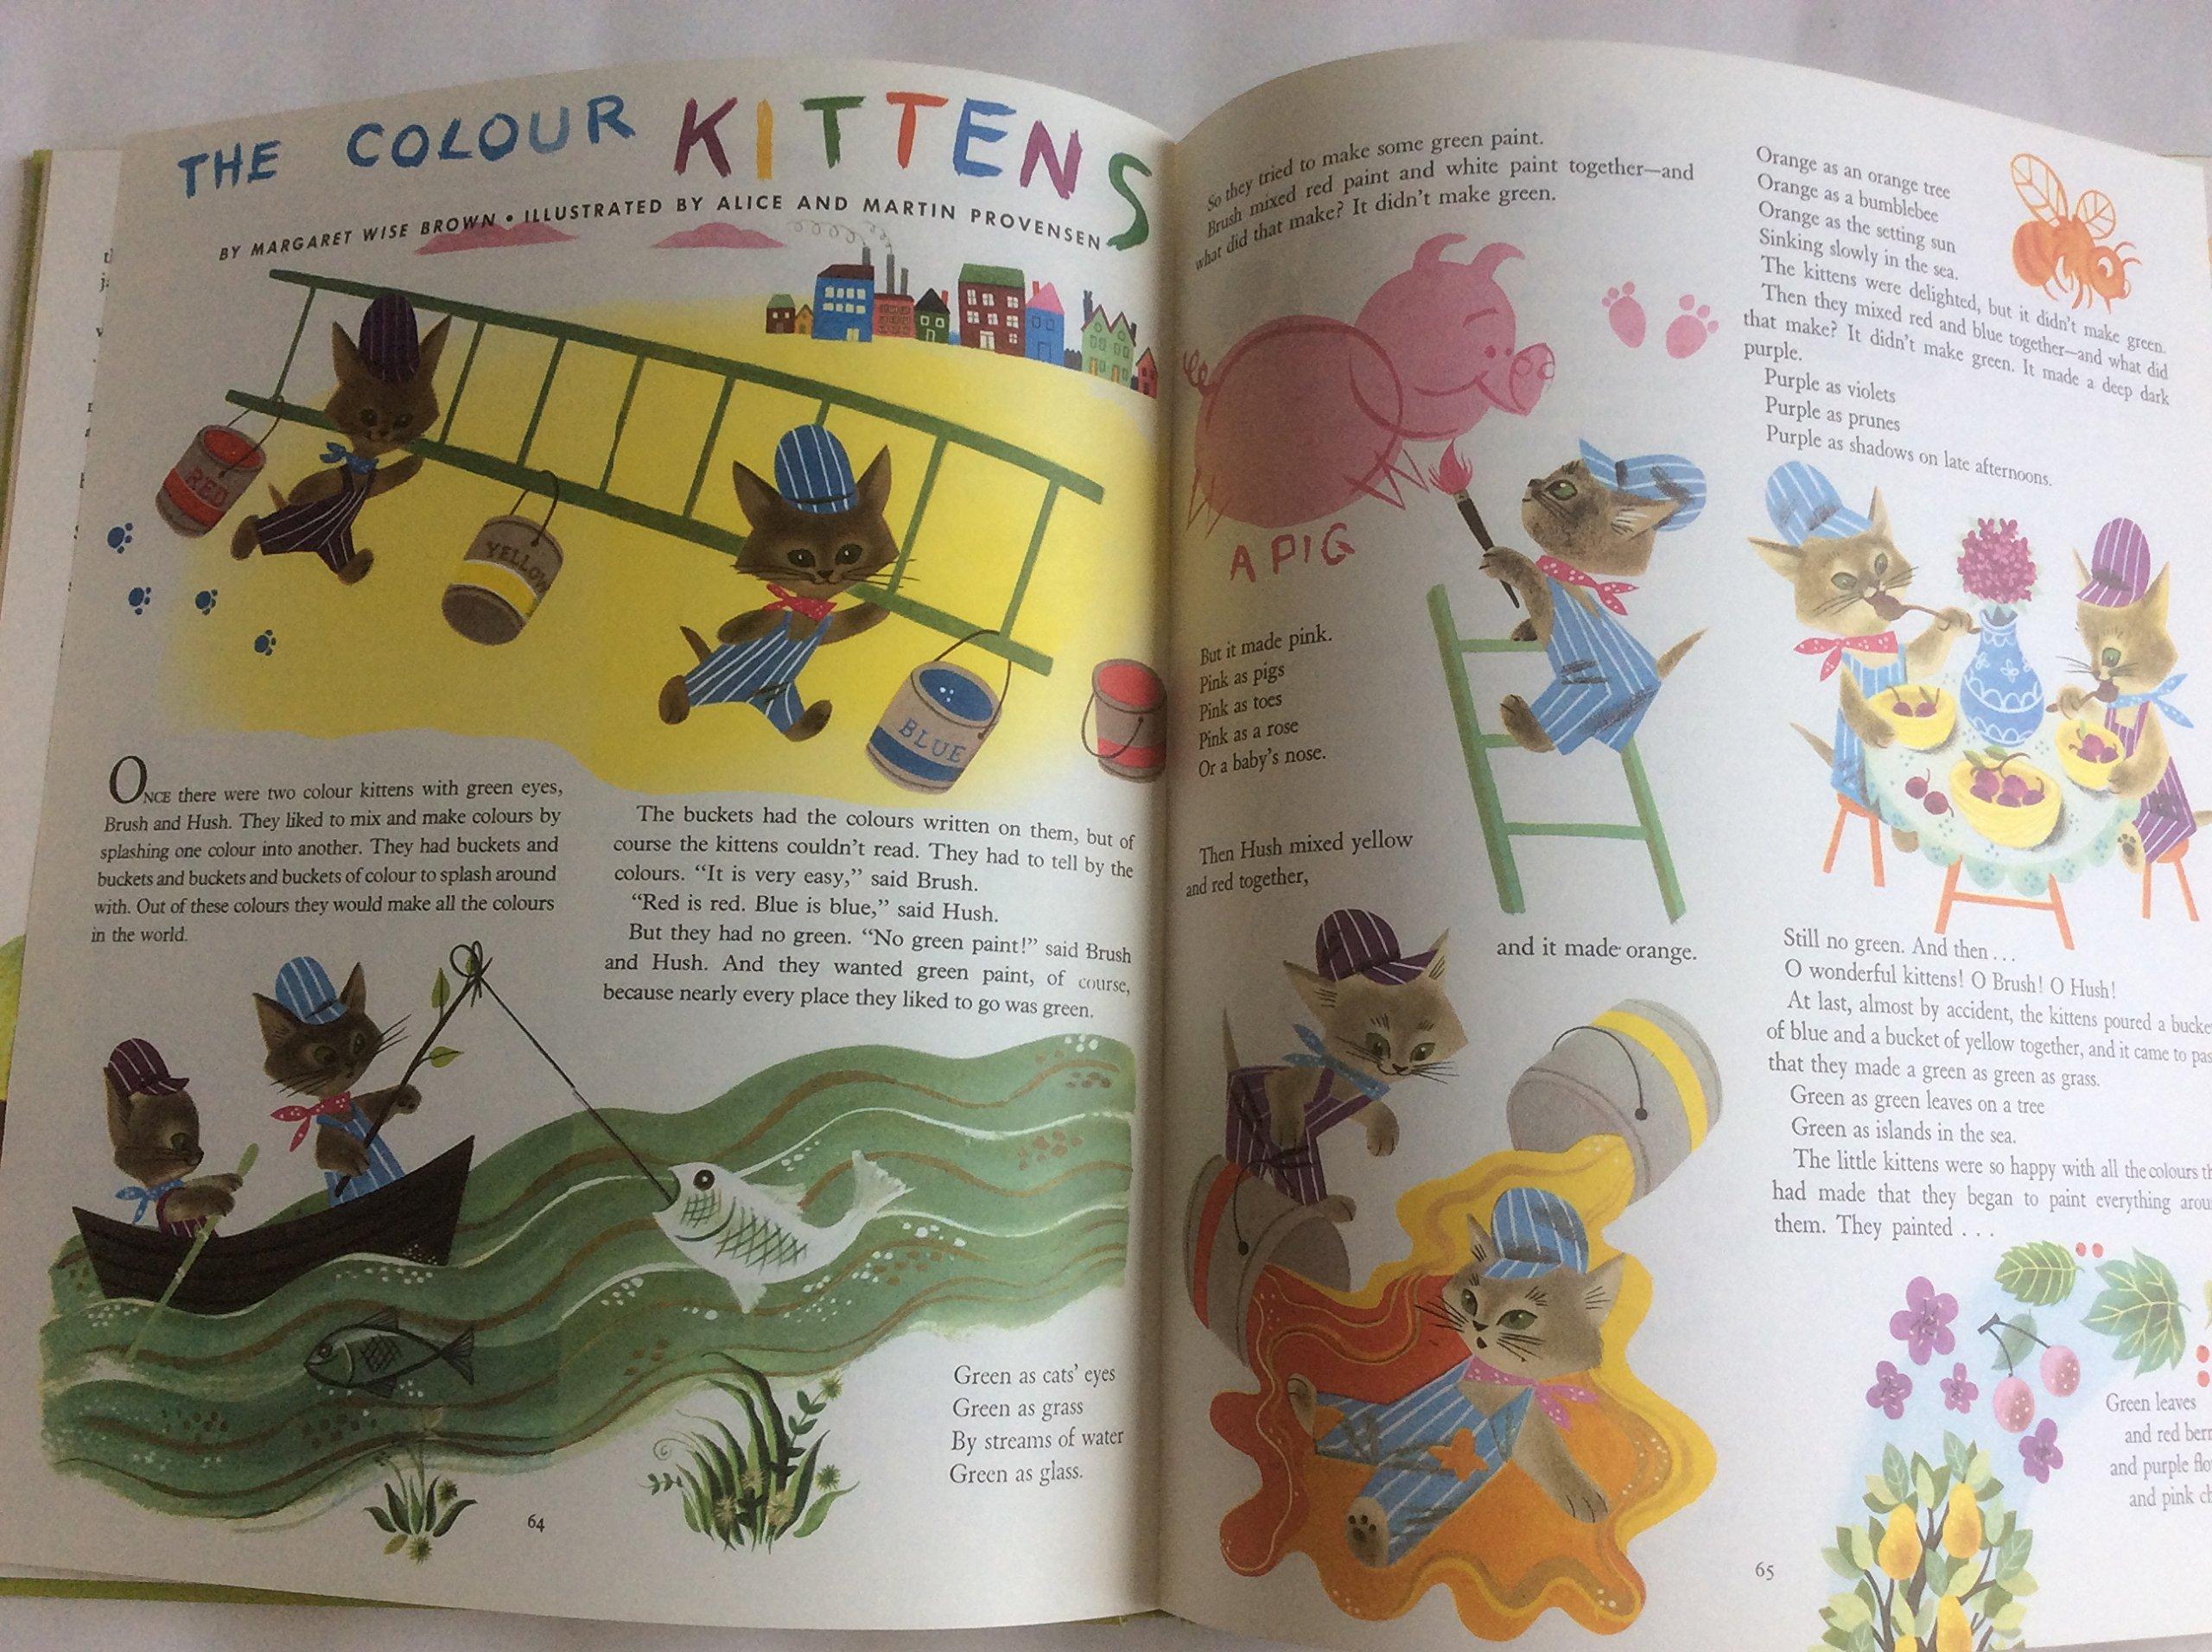 Un Petit Livre D'Or - Page 6 91Tl5ZZo5FL